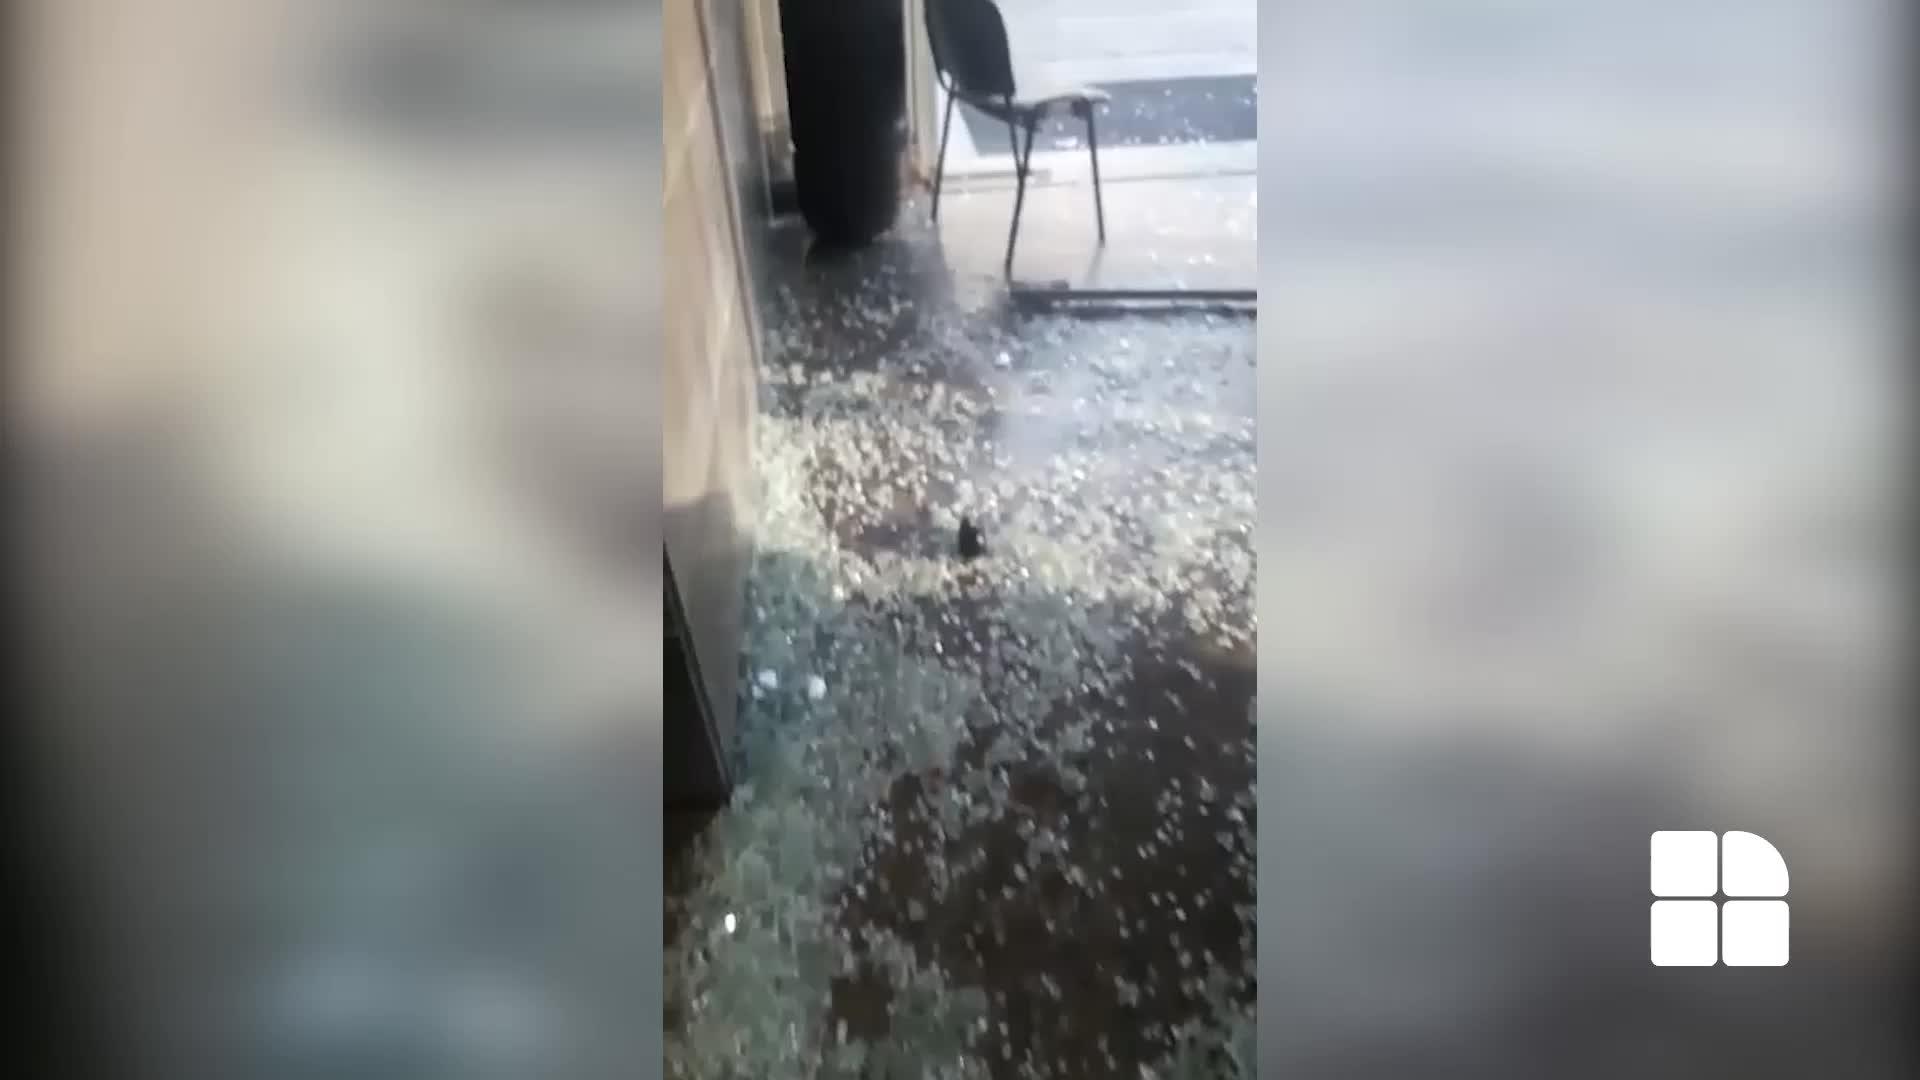 ЭКСКЛЮЗИВ! Как выглядит консульство Молдовы в Ливане после взрыва (ФОТО, ВИДЕО)